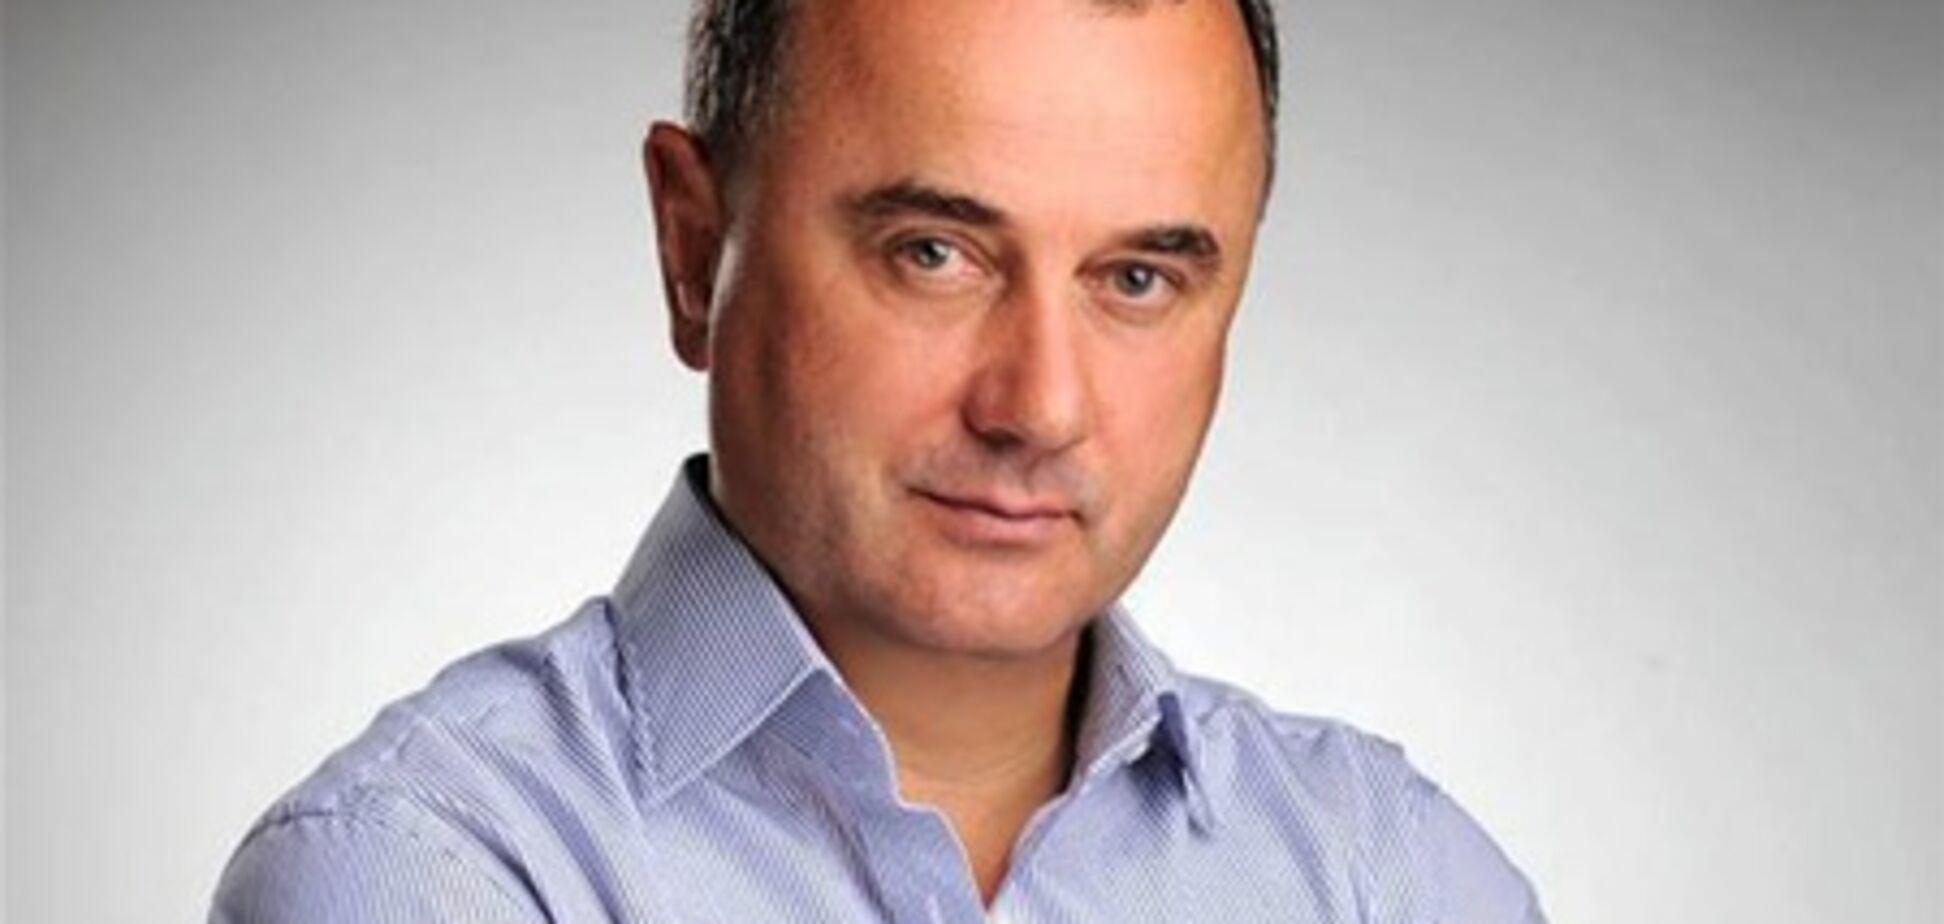 Моральний дефолт українських реформ